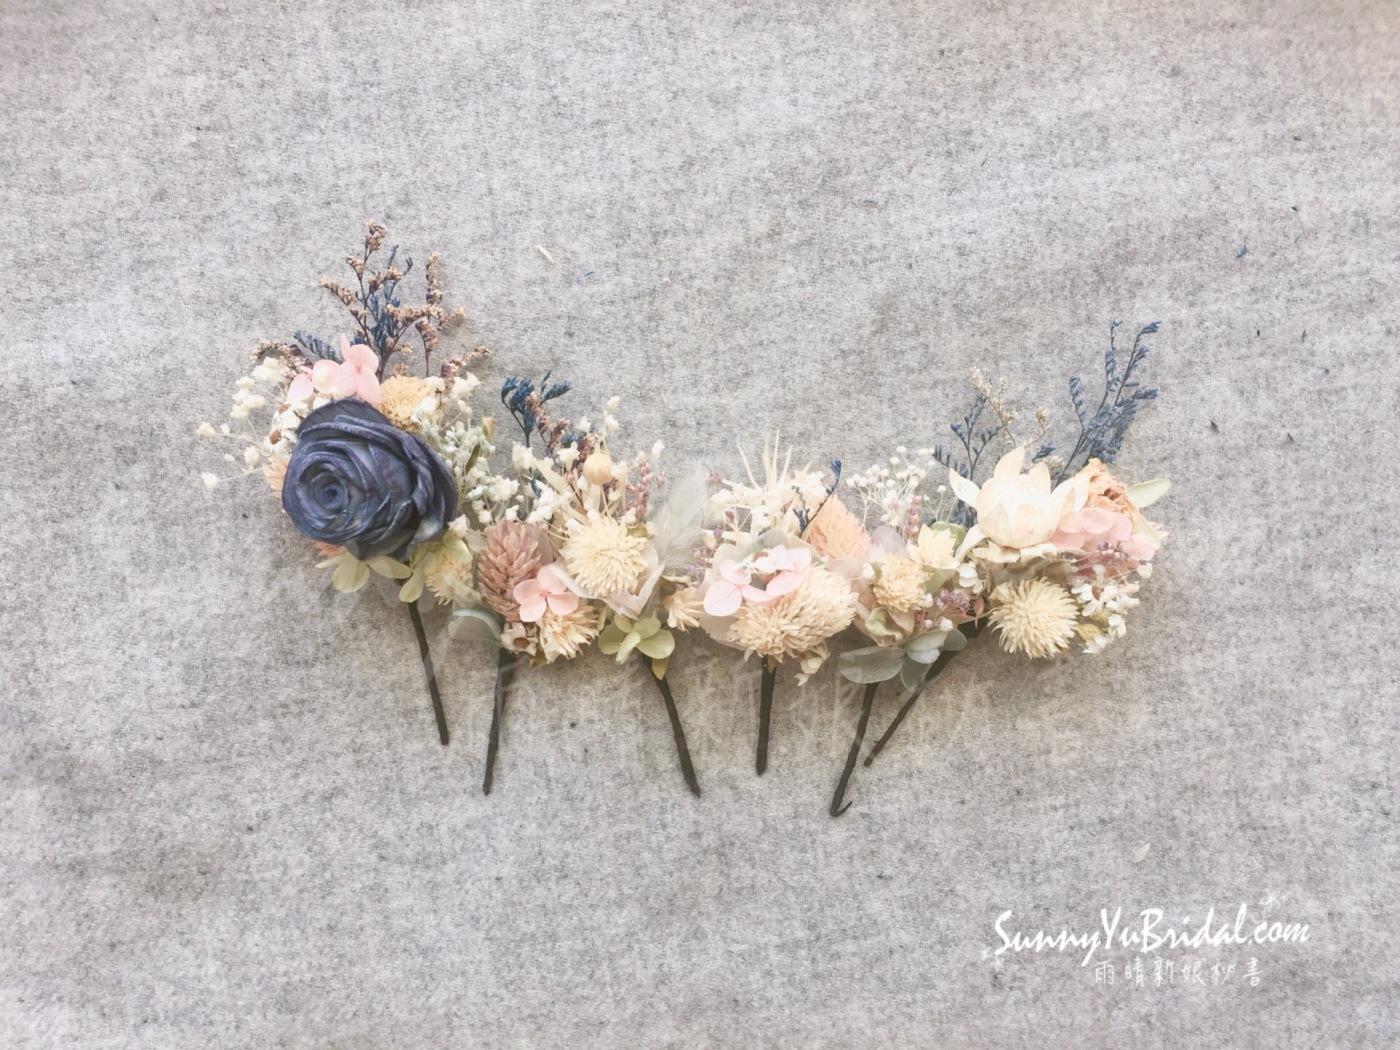 客製乾燥花飾|客製新娘飾品|台北新娘秘書|台北內湖南港新秘推薦雨晴|手作新娘飾品|雨晴手作|乾燥不凋花新娘飾品|乾燥花新娘造型|雨晴手作乾燥花飾|煙燻粉玫瑰|不凋花|永生花|白紗髮飾|白紗造型